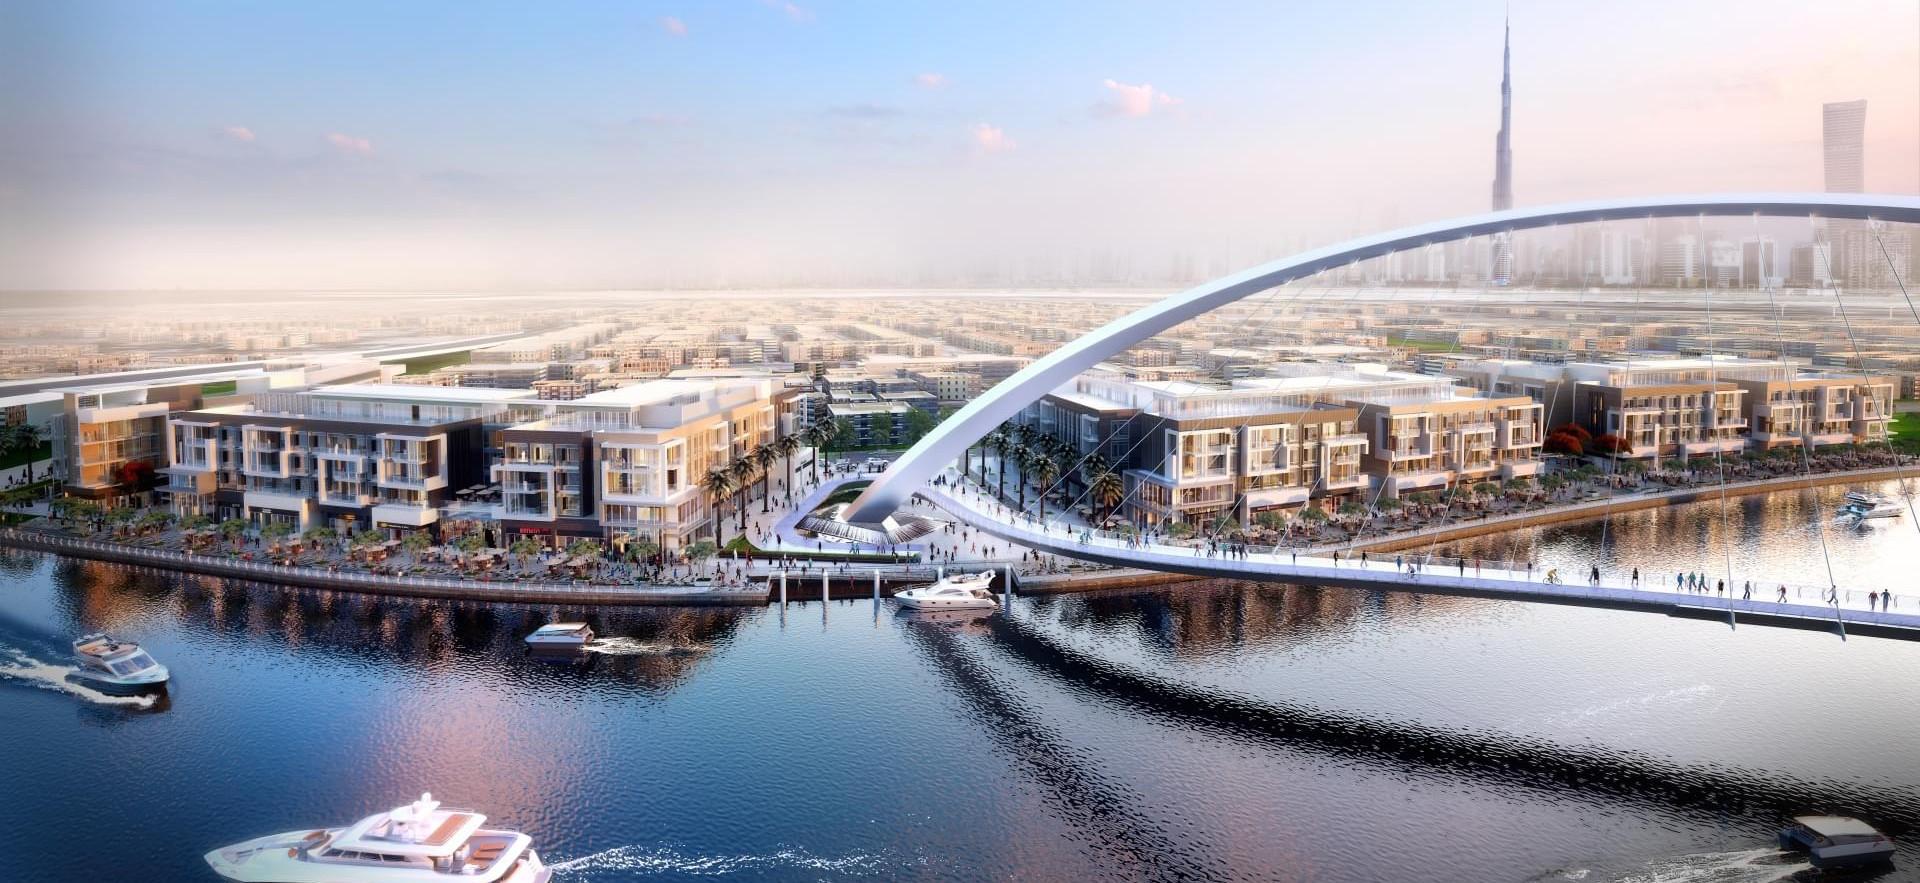 Dubai Water Canal, Safa A